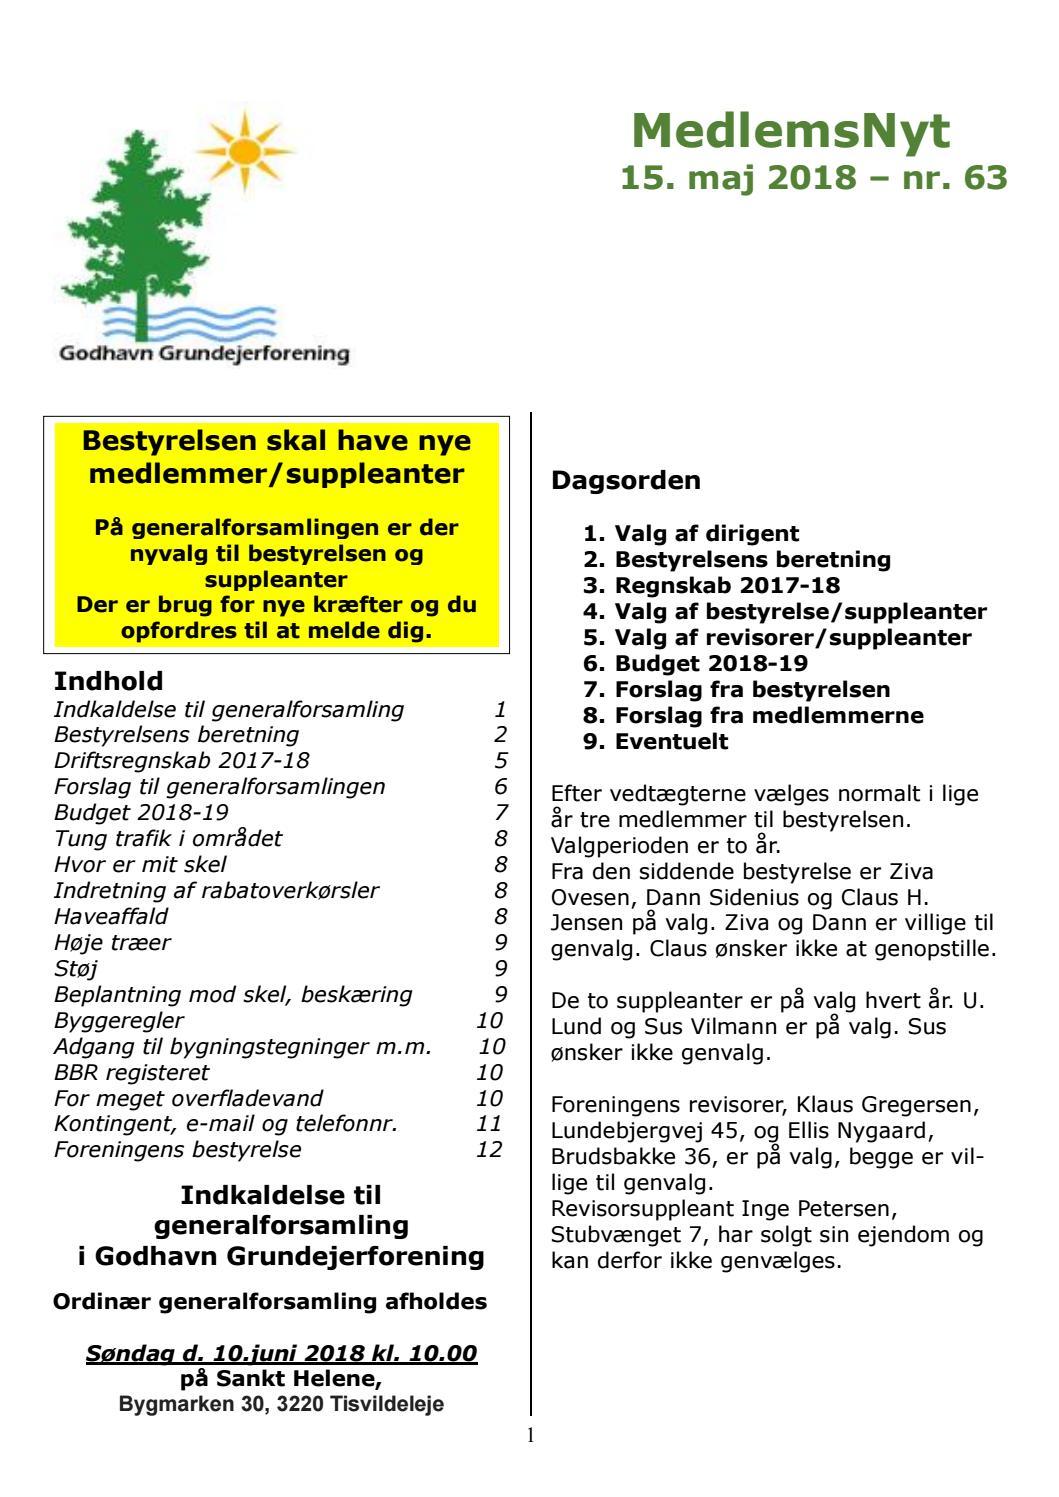 MedlemsNyt nr  63 by godhavngrundejerforening - issuu